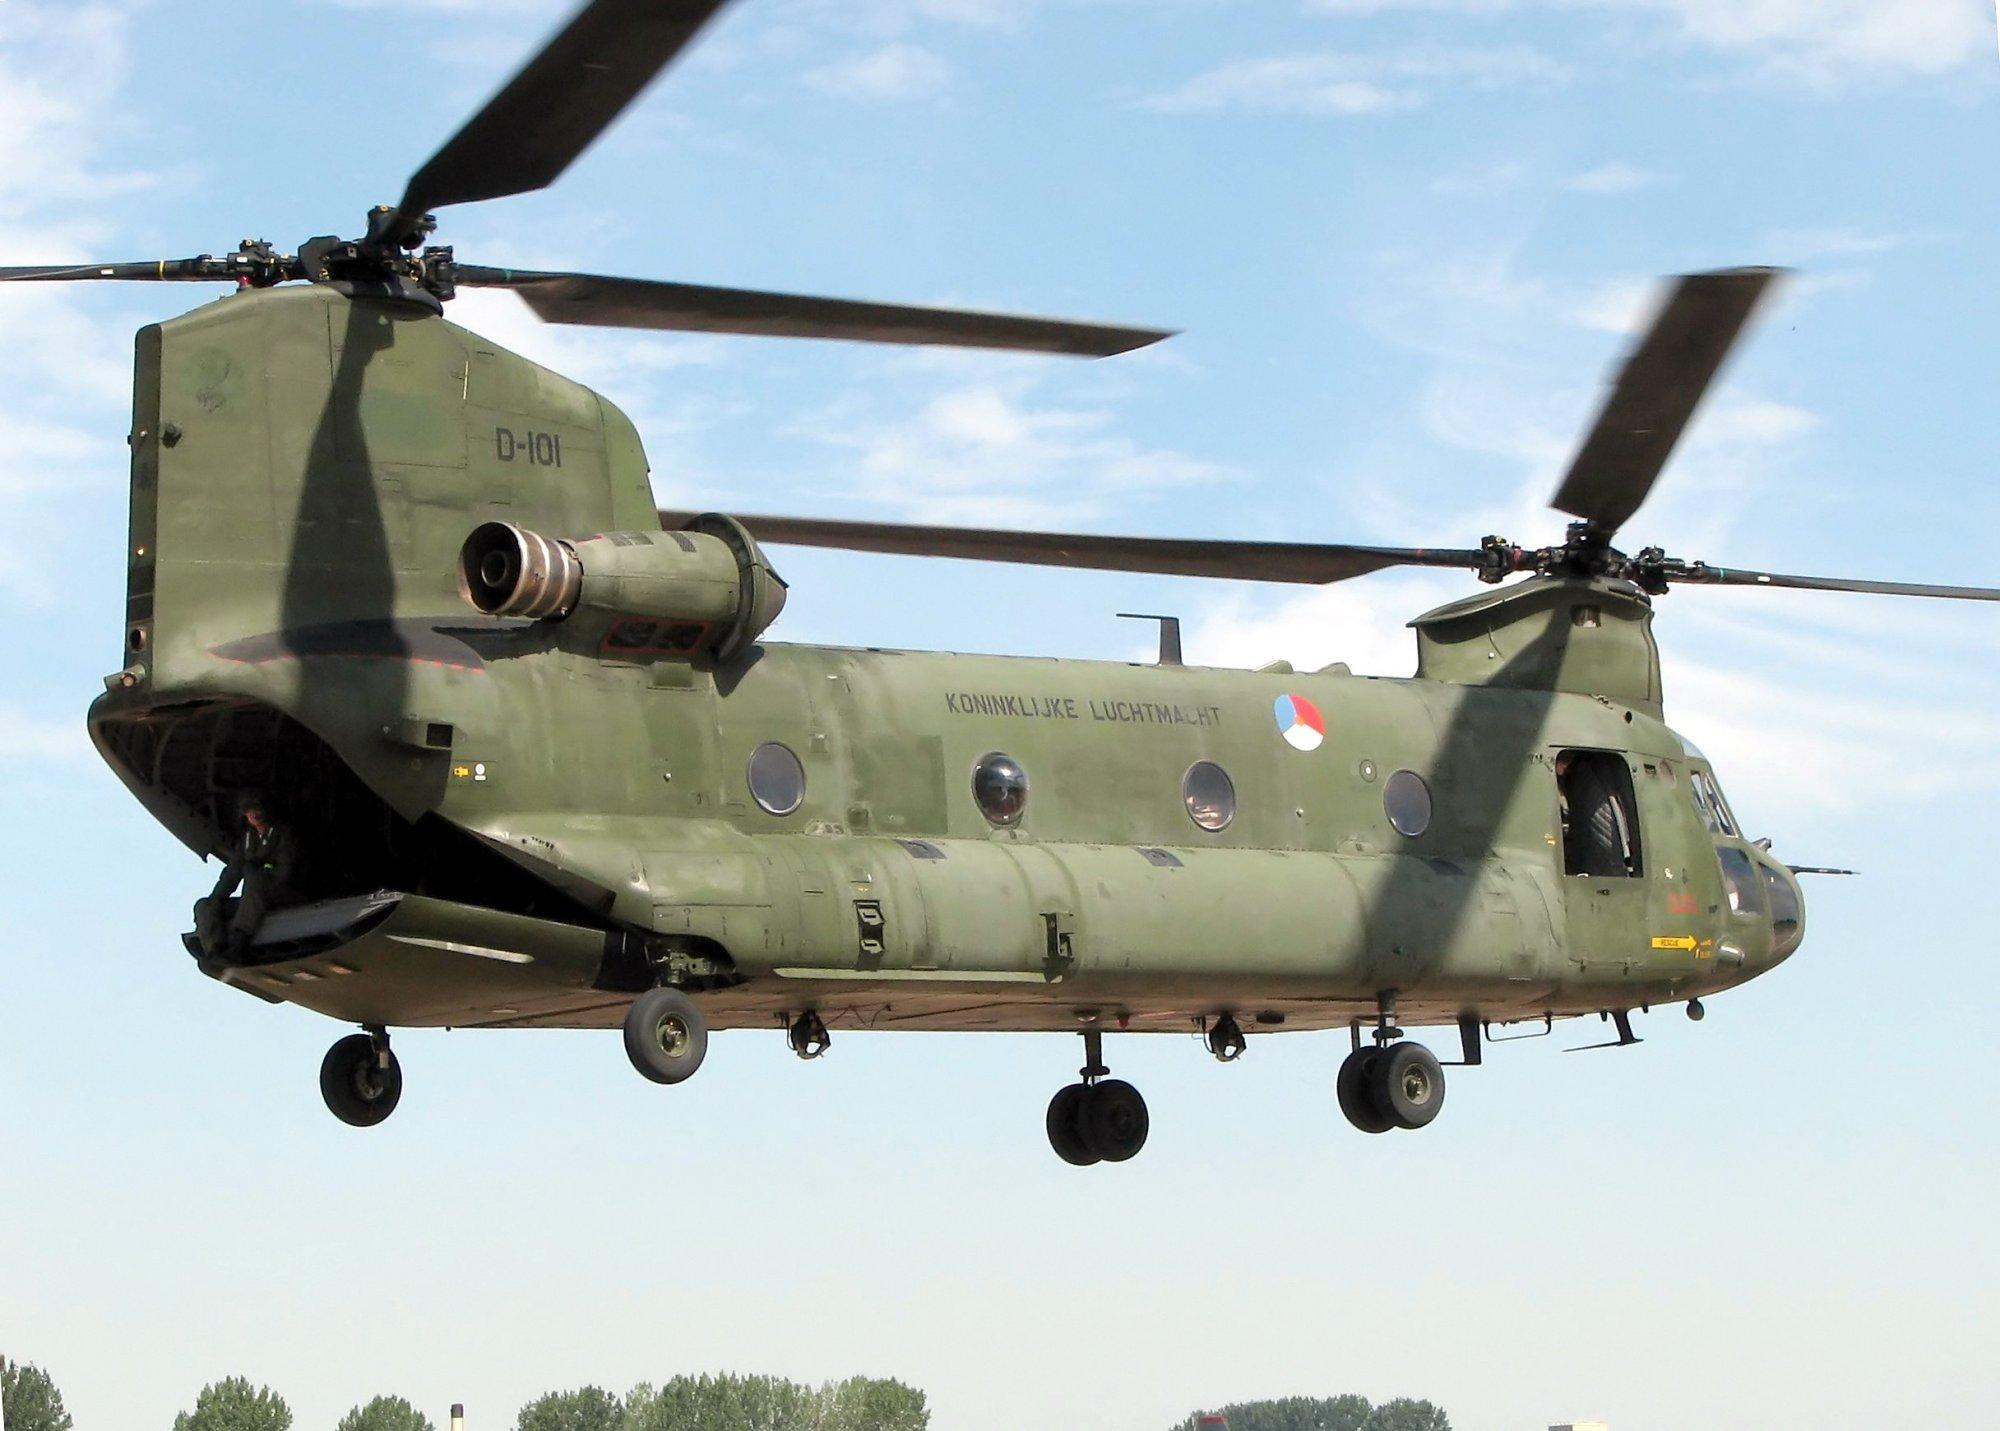 Американский транспортный вертолёт Boeing CH-47 Chinook с открытой задней рампой